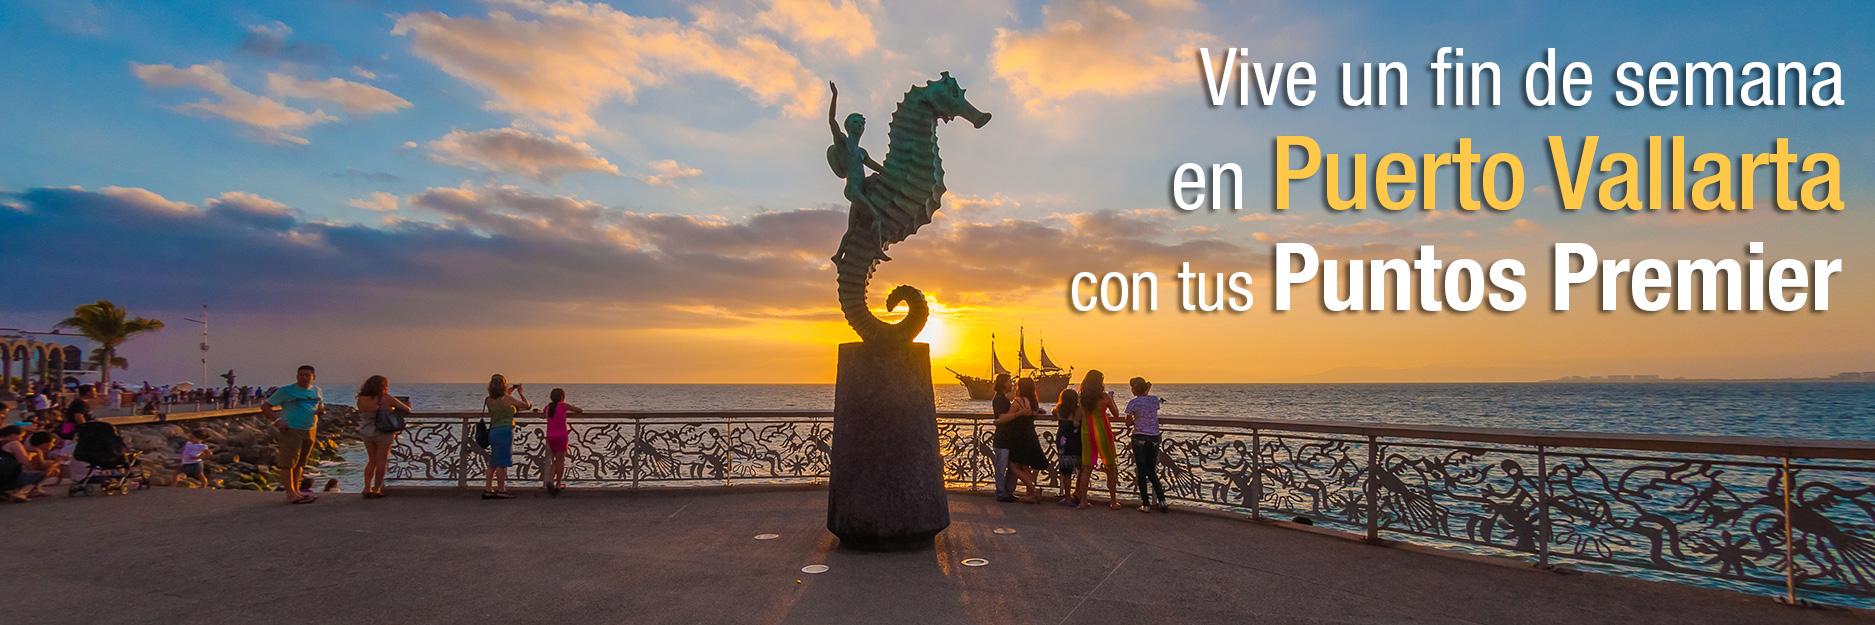 Disfruta la belleza de Puerto Vallarta en un viaje doble